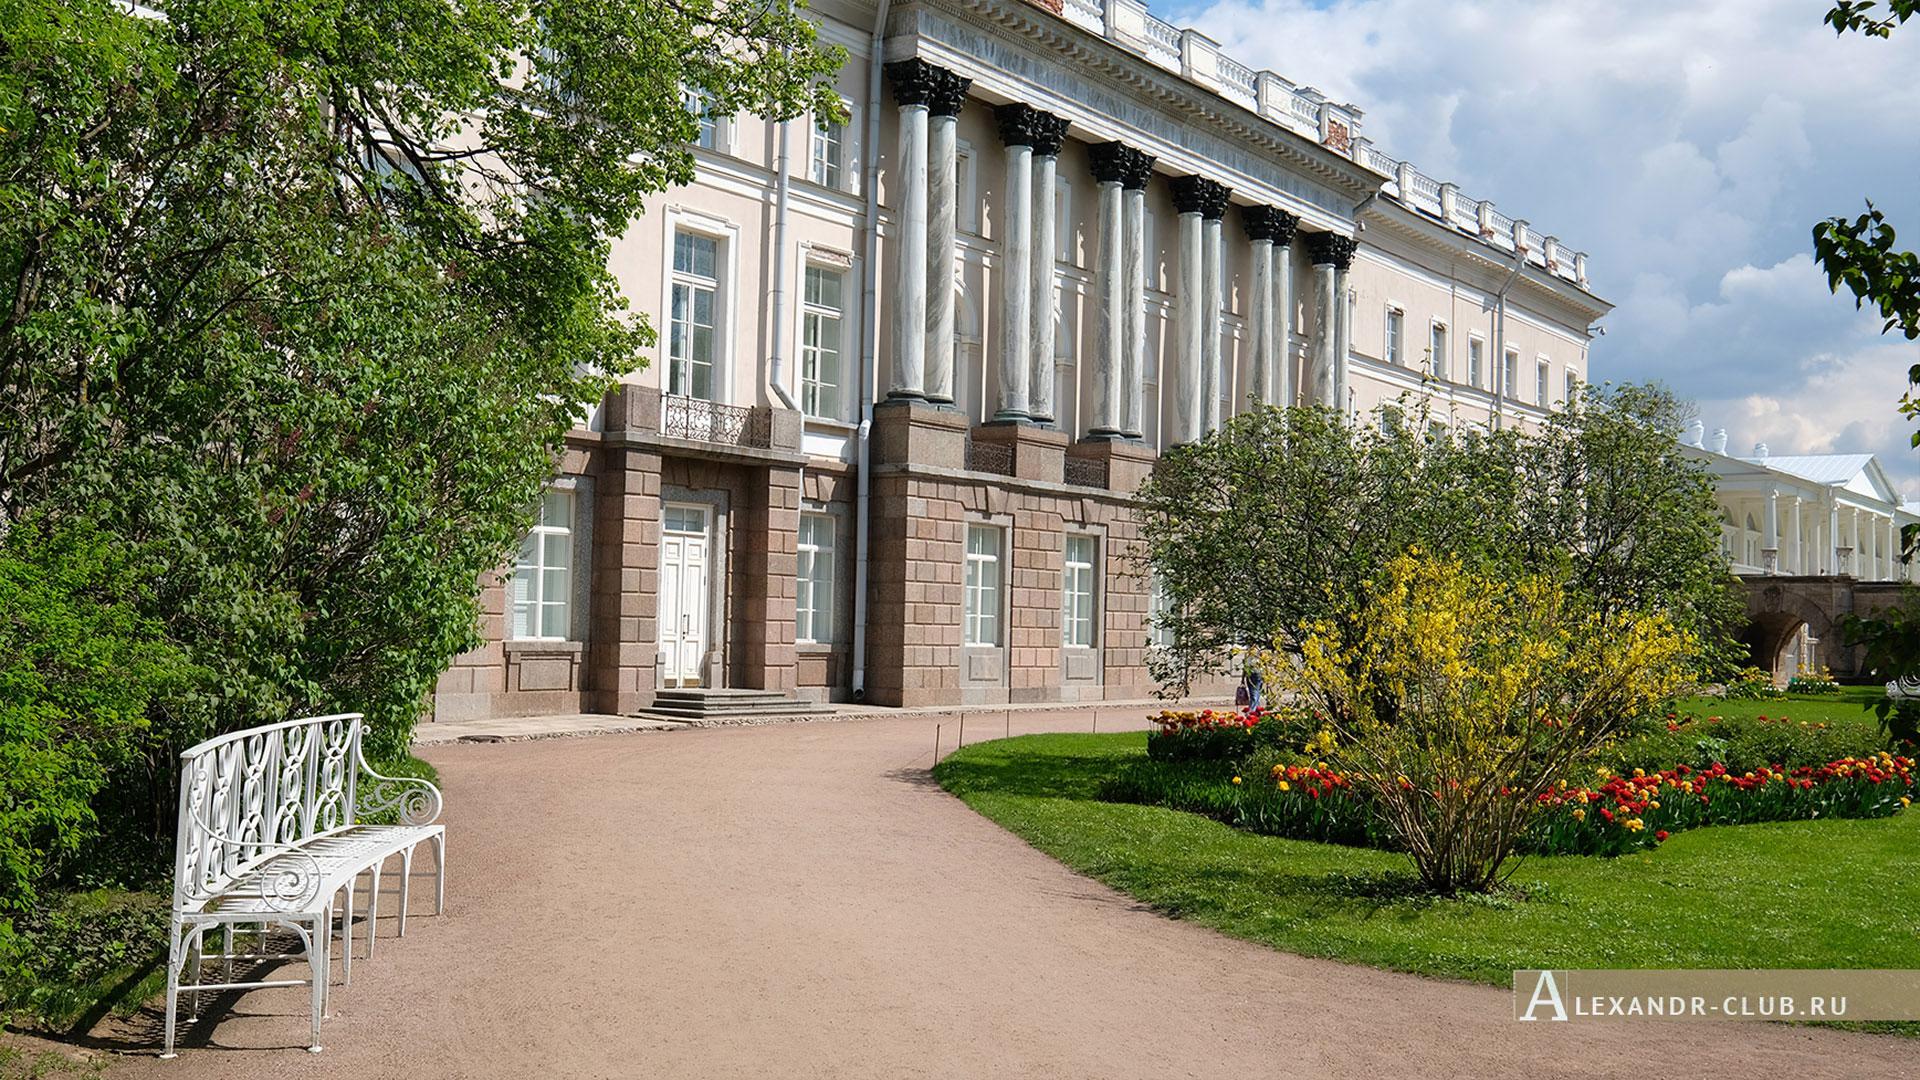 Царское Село, весна, Екатерининский дворец, Зубовский флигель